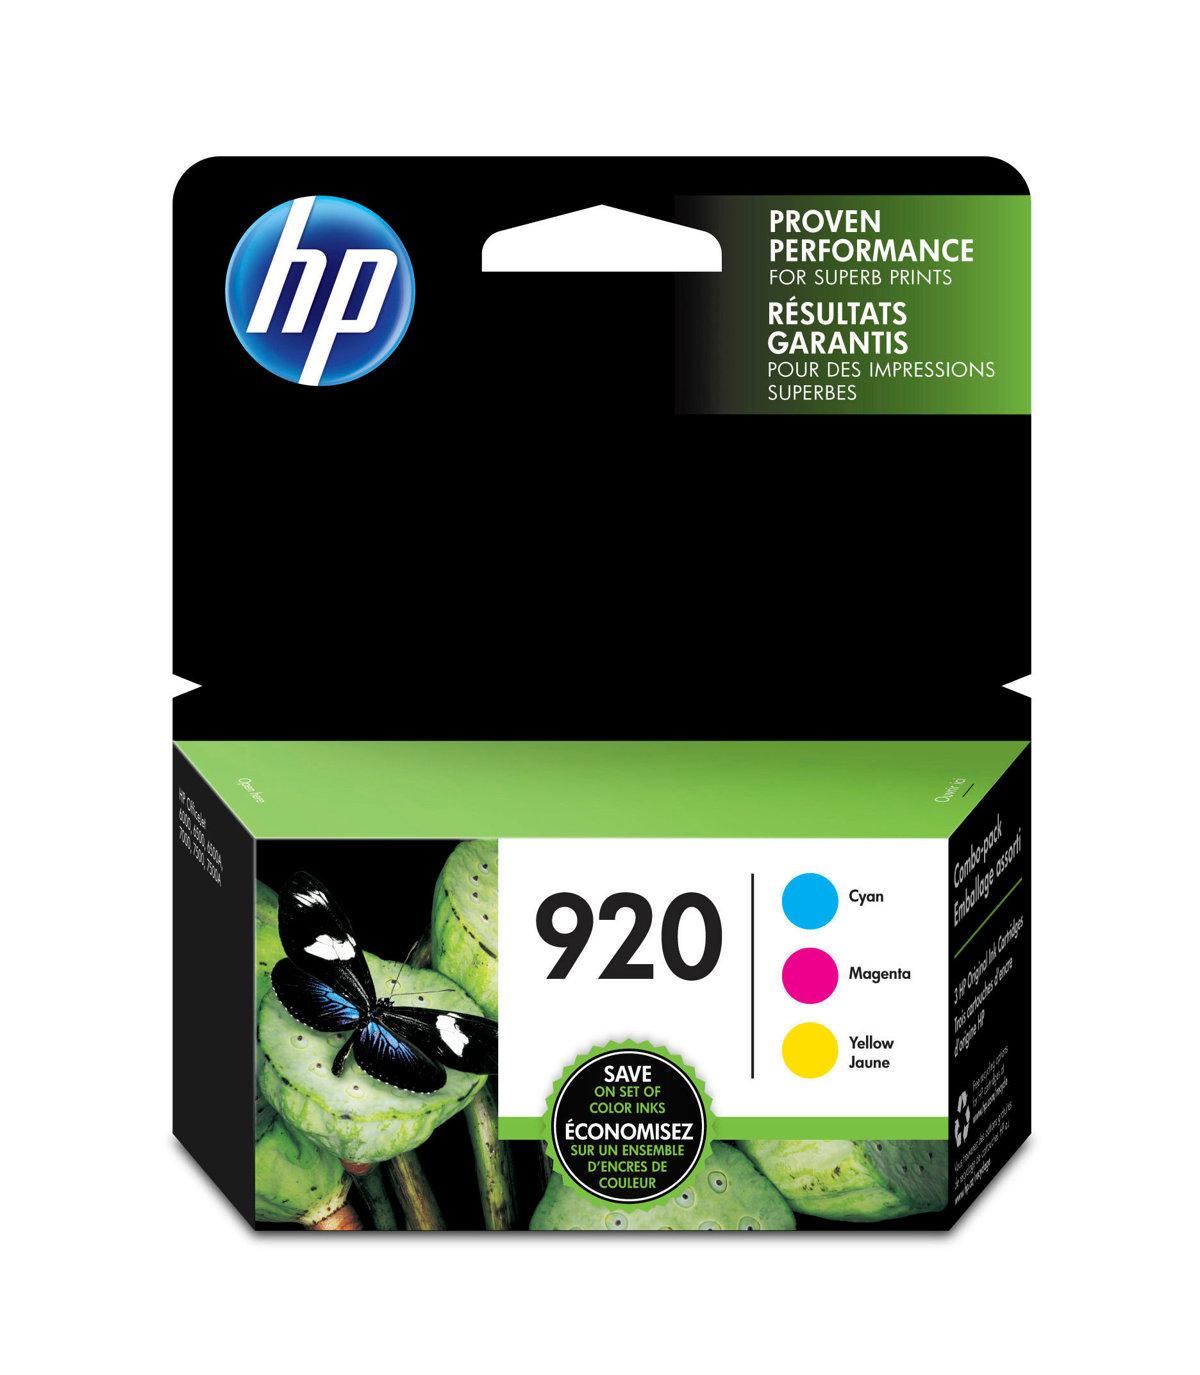 HP 920 (N9H55FN) Cyan/Magenta/Yellow...